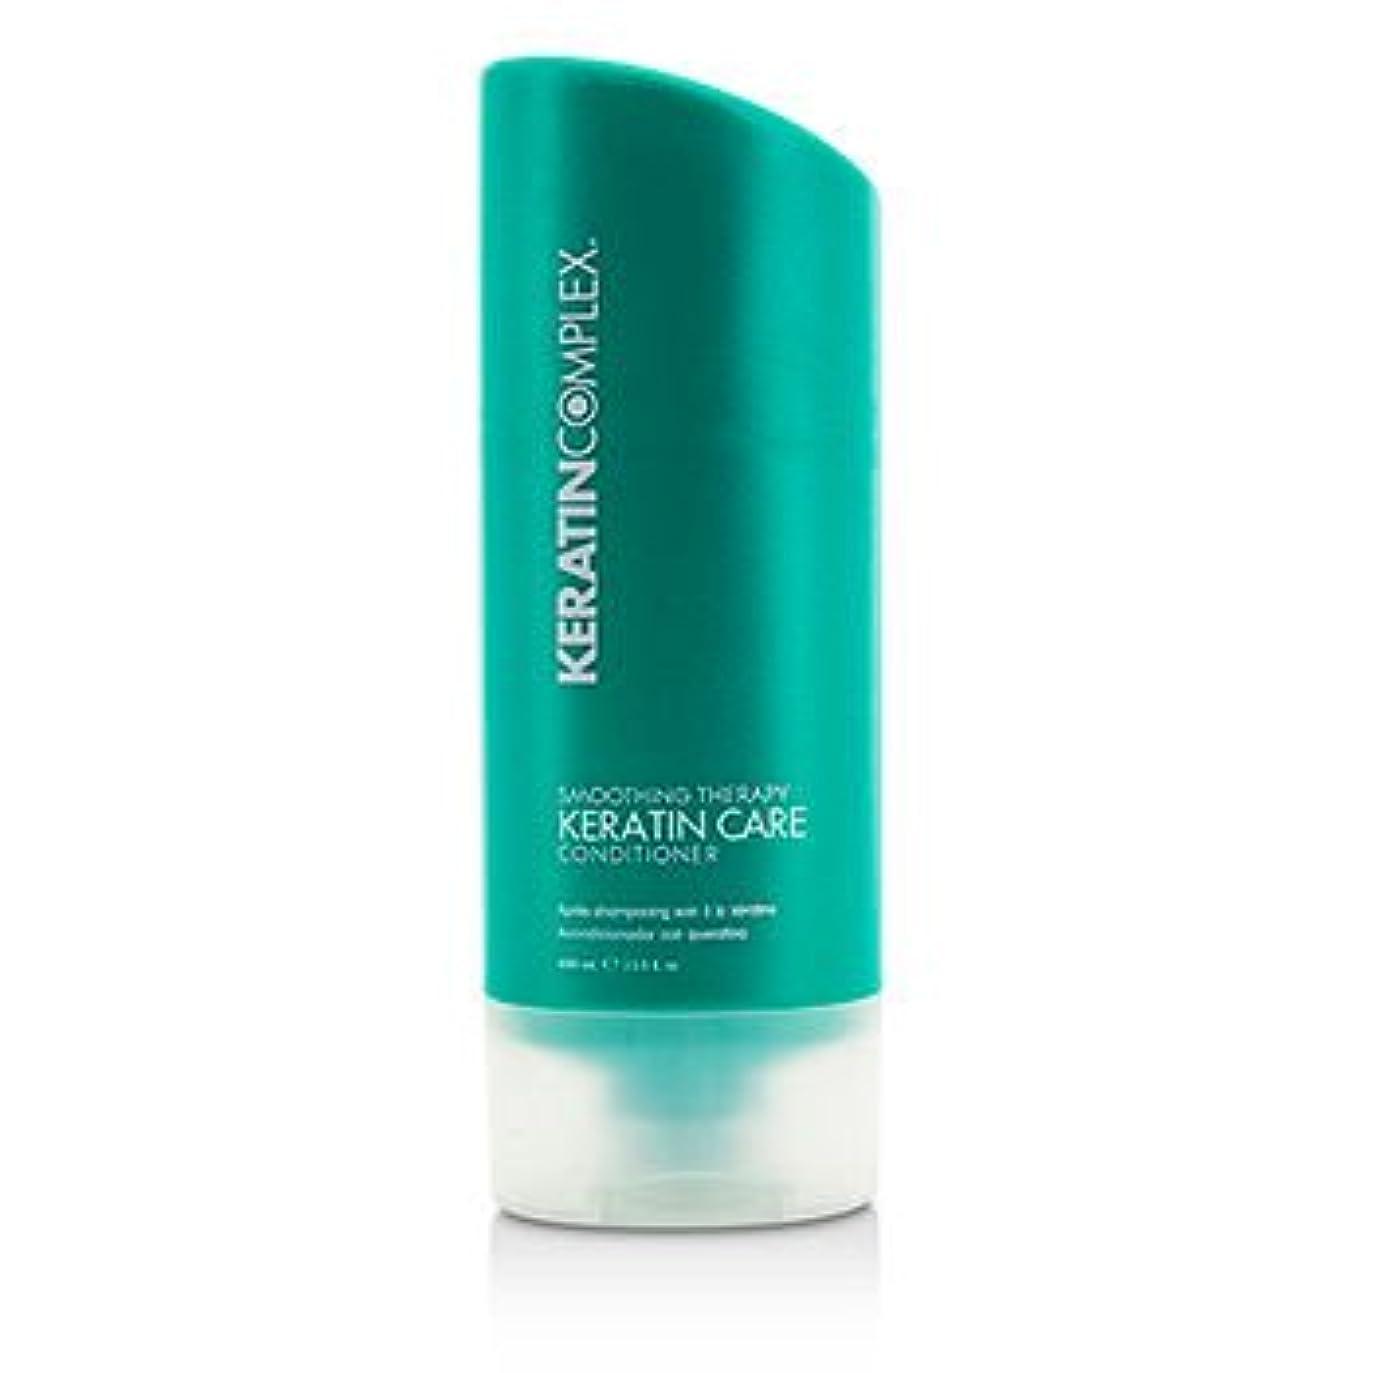 プログレッシブ泥日記[Keratin Complex] Smoothing Therapy Keratin Care Conditioner (For All Hair Types) 400ml/13.5oz